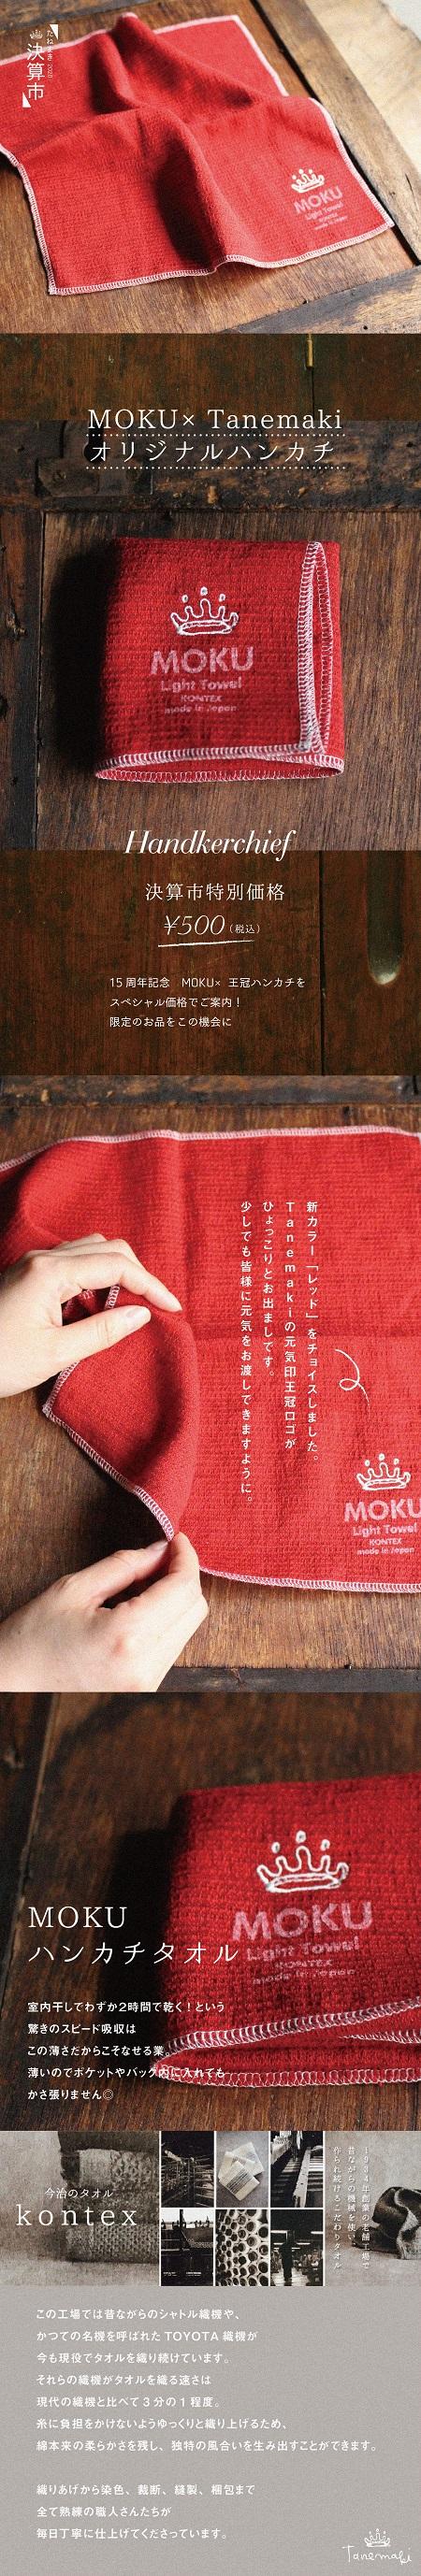 2020_kessanichi_handkerchief.jpg